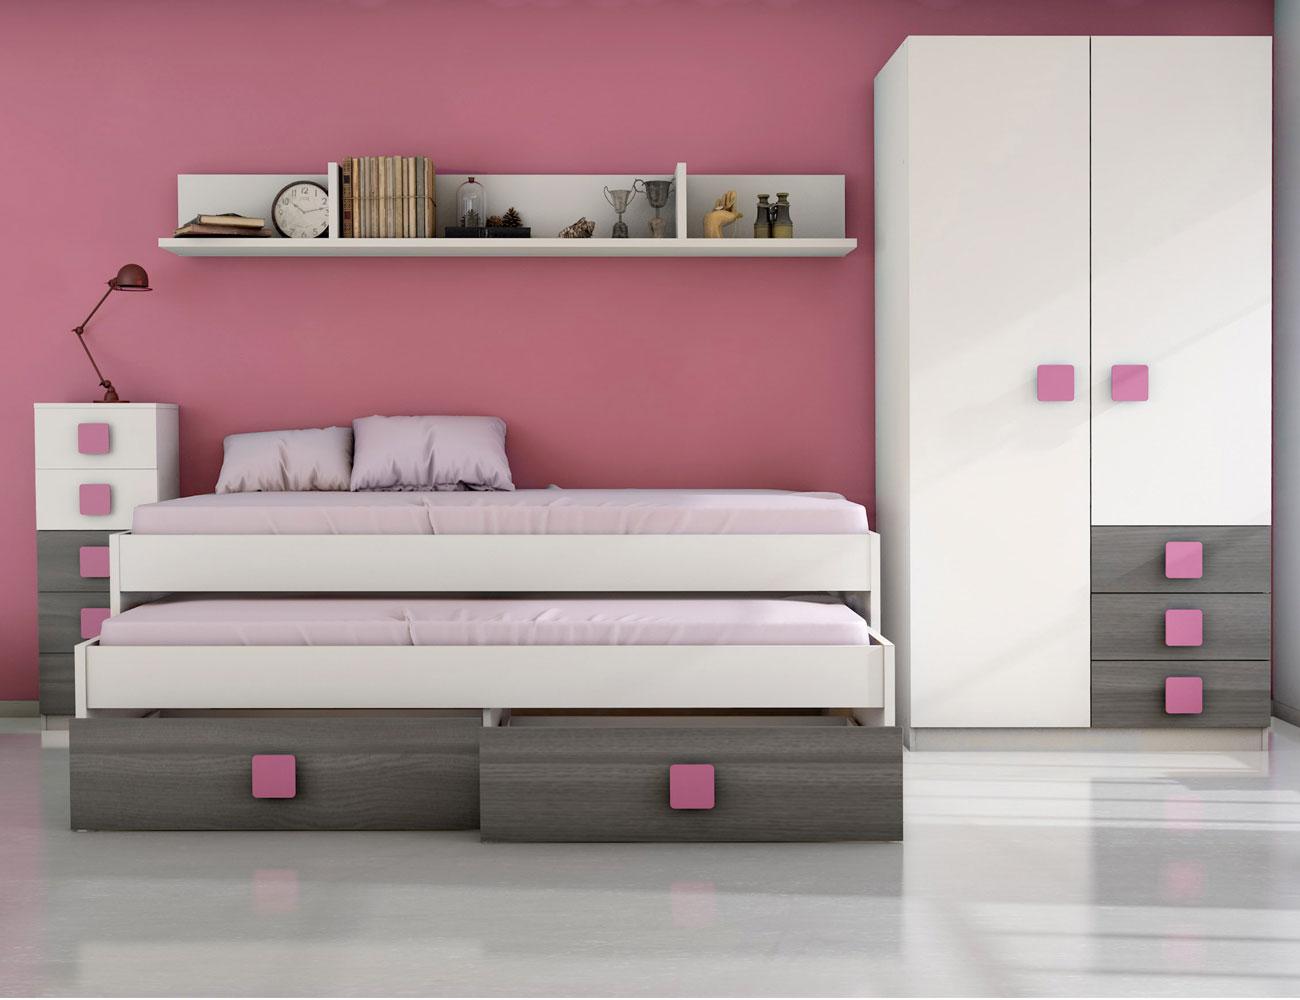 Dormitorio juvenil ceniza rosa3